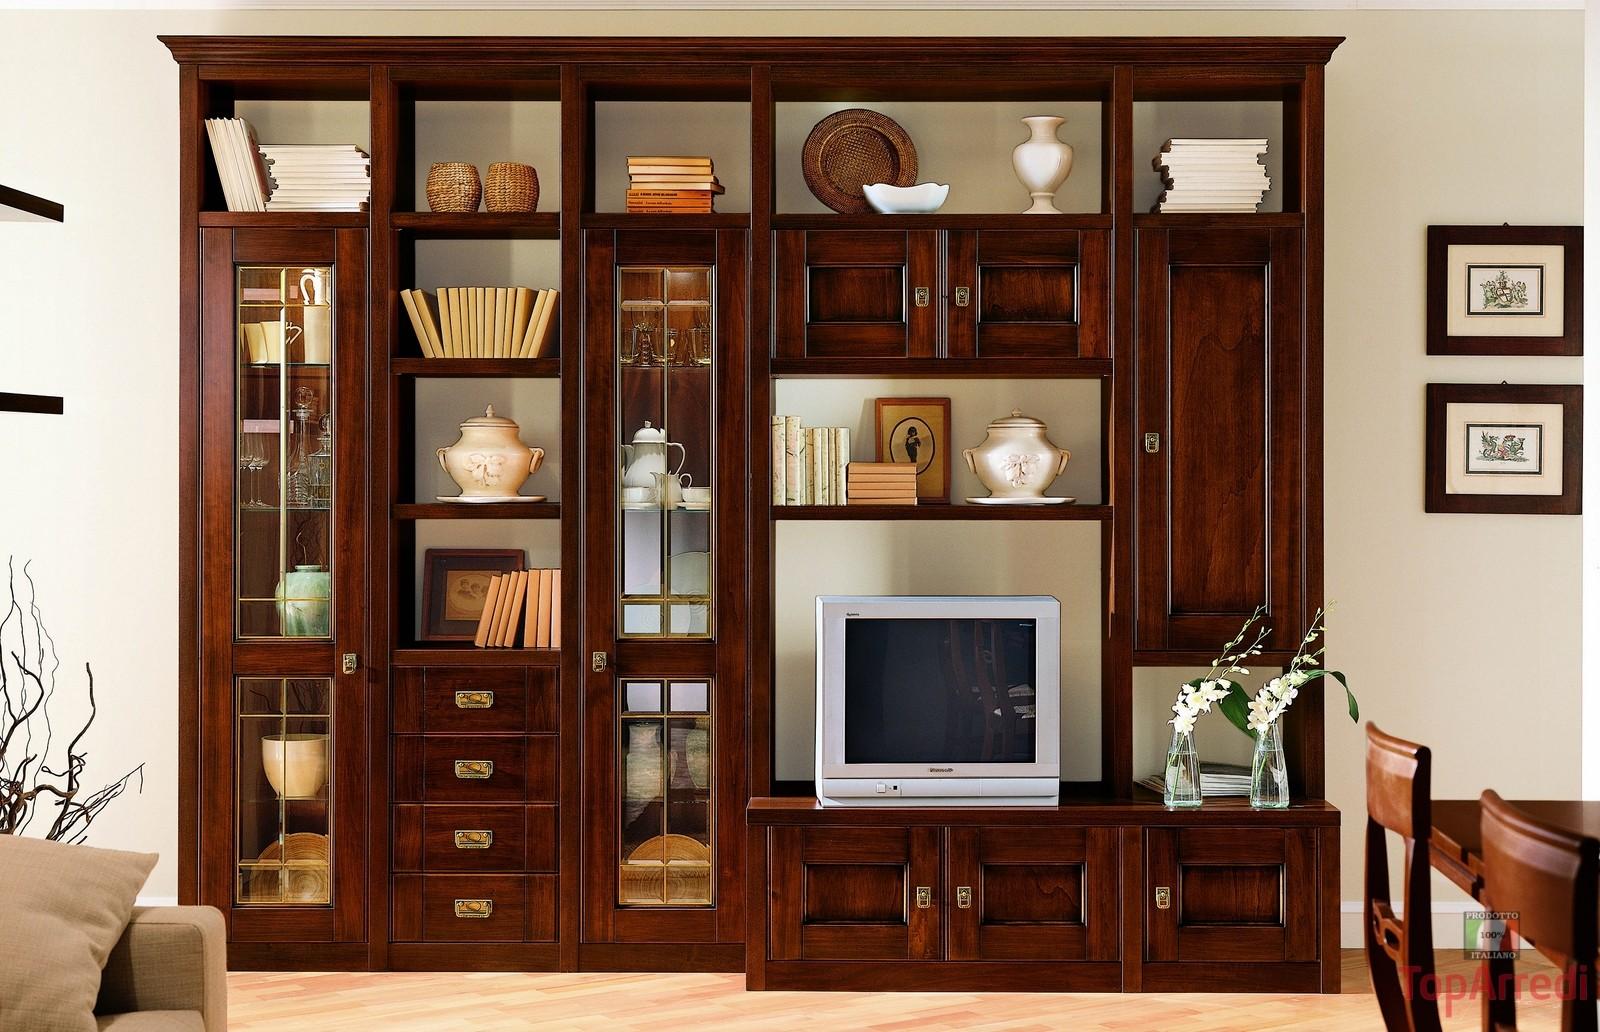 Arion parete soggiorno, colore rovere bianco prezzo consigliato: Soggiorni In Stile Classico Torino Sumisura Fabbrica Arredamenti